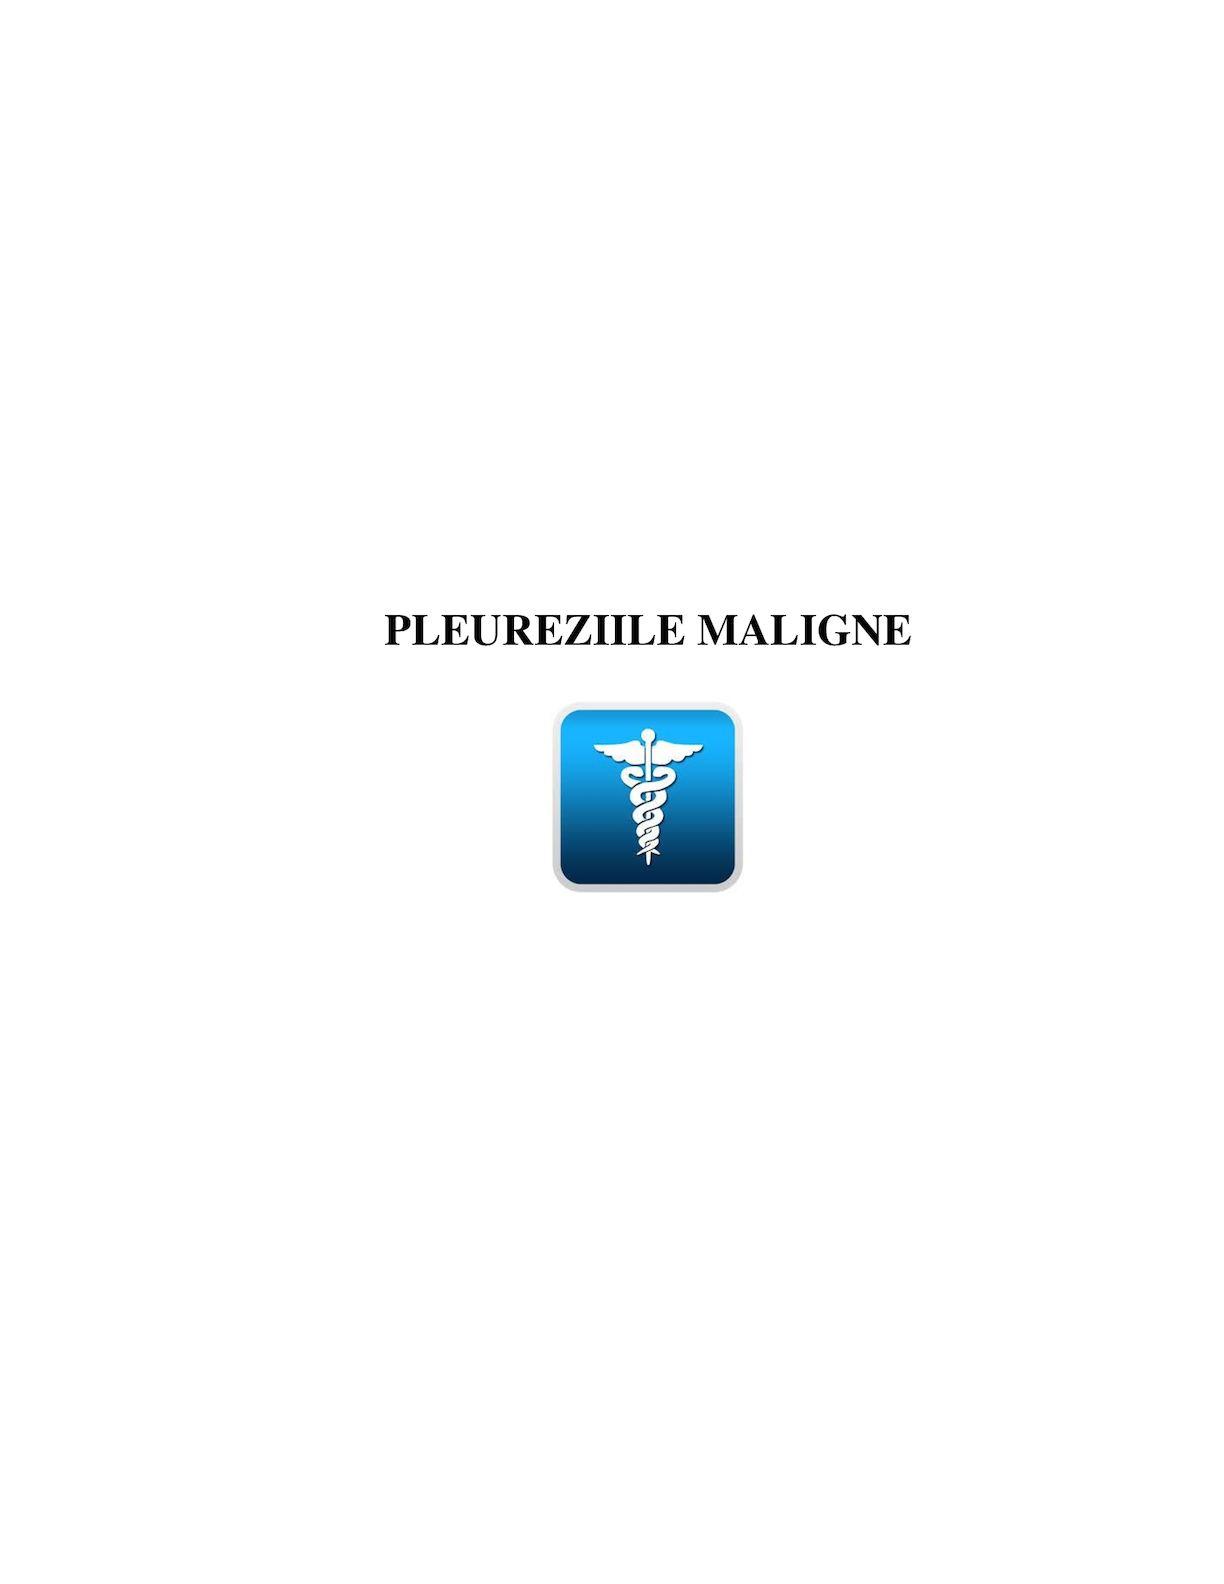 diametro prostata transverso 5 8 1